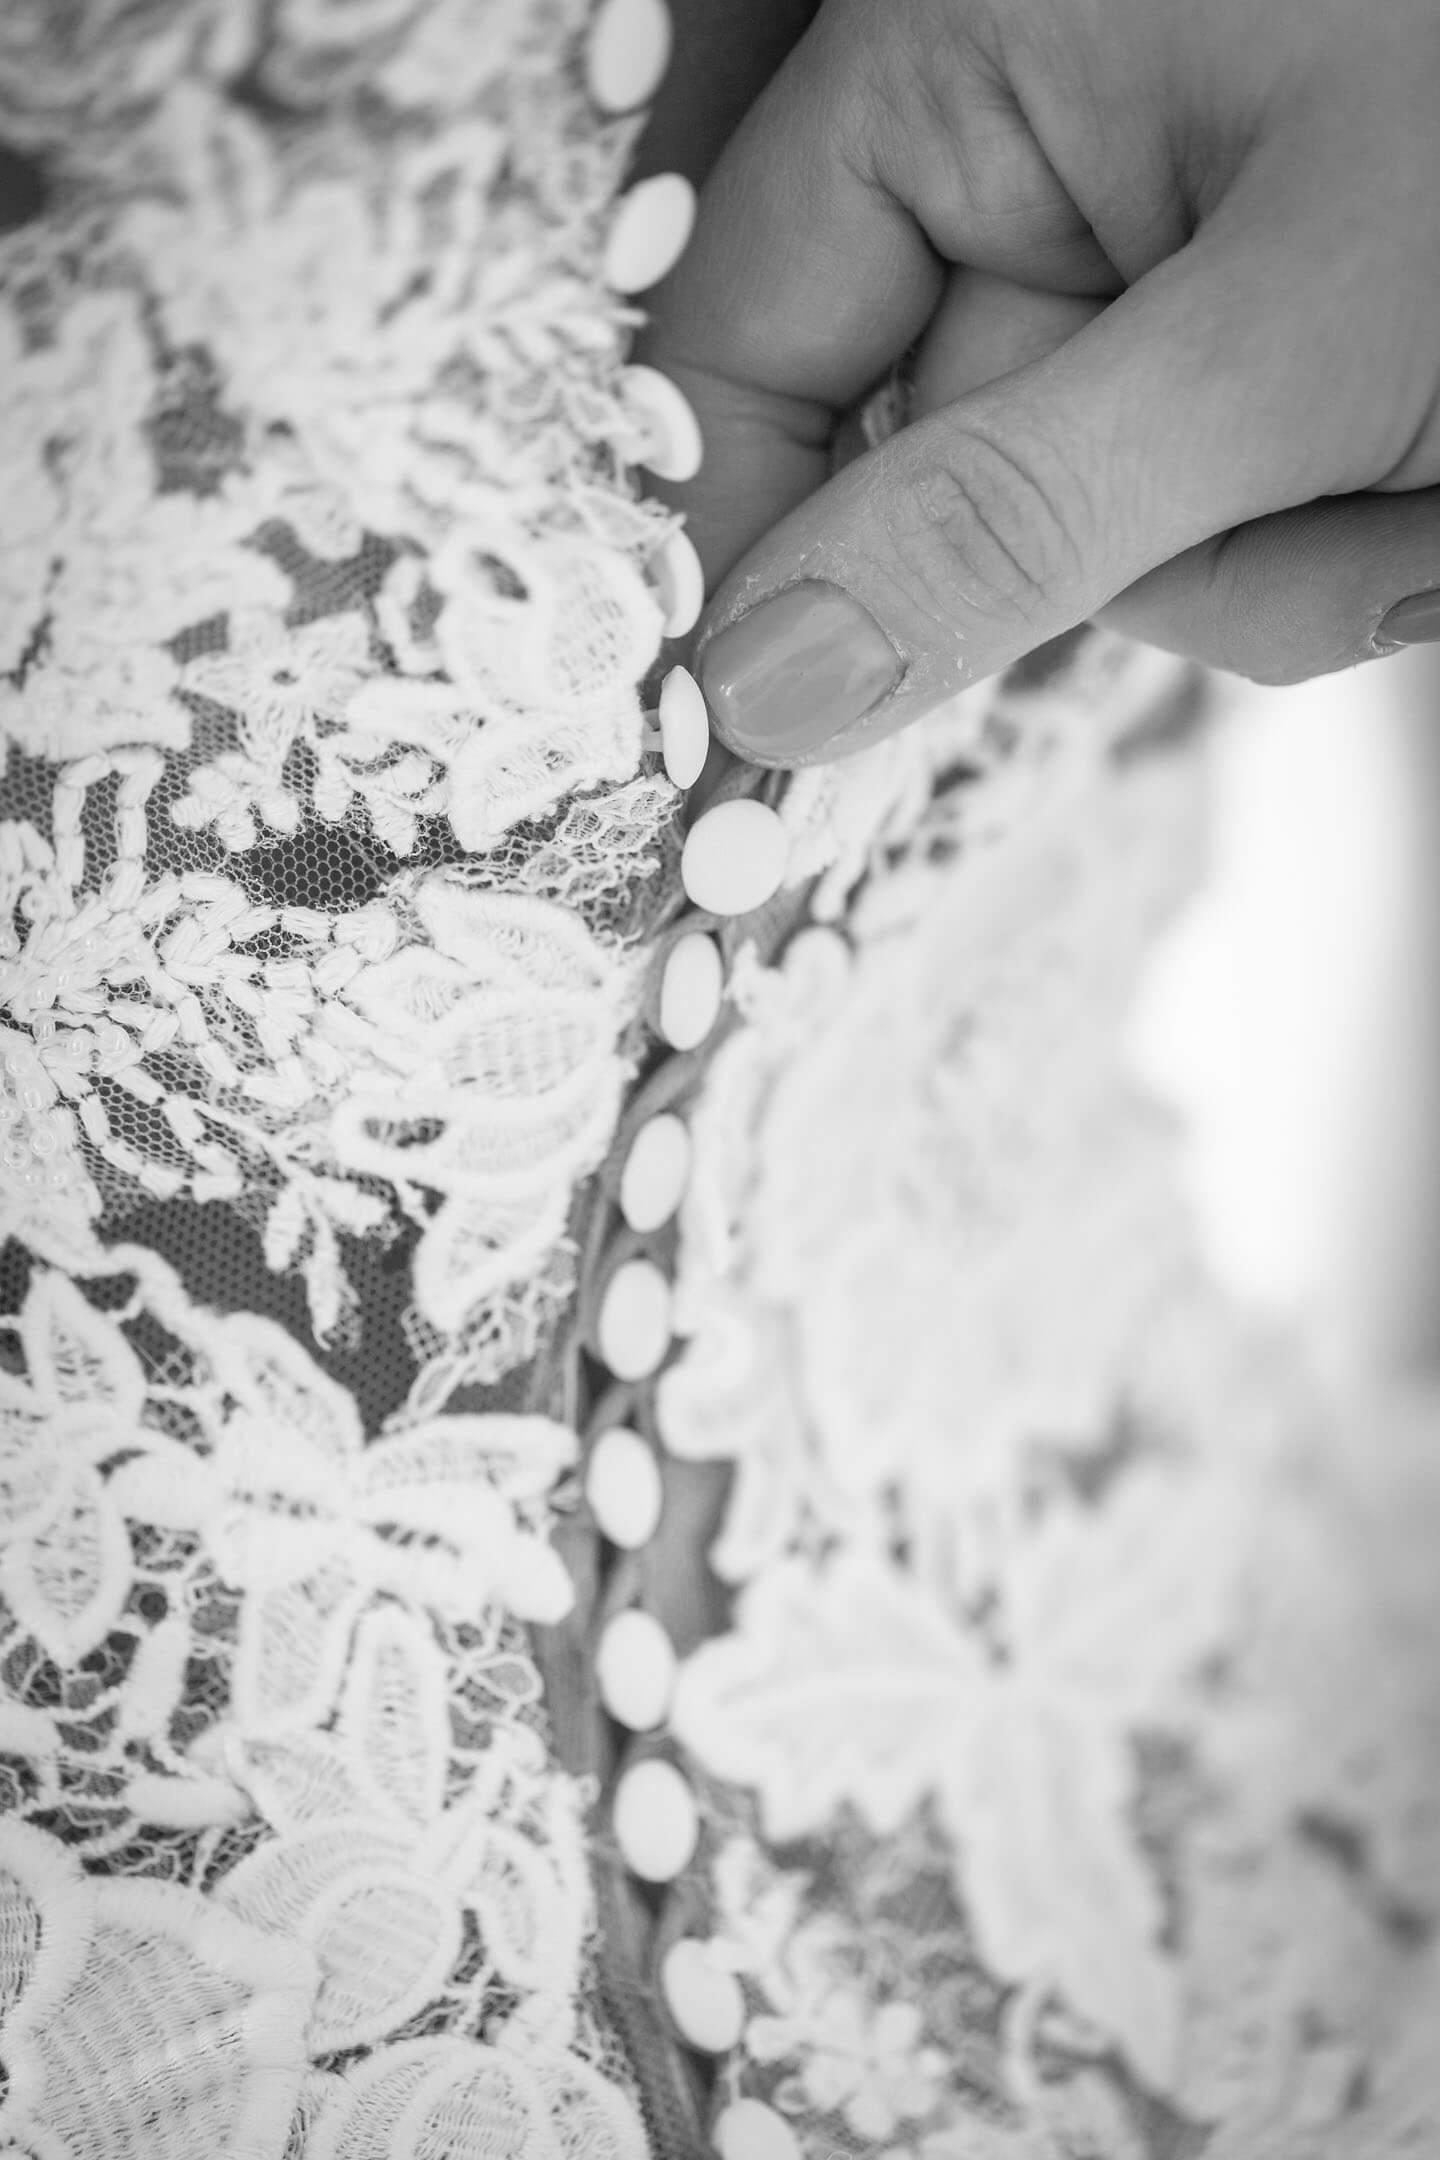 Zuknöpfen des Brautkleides beim Getting Ready.